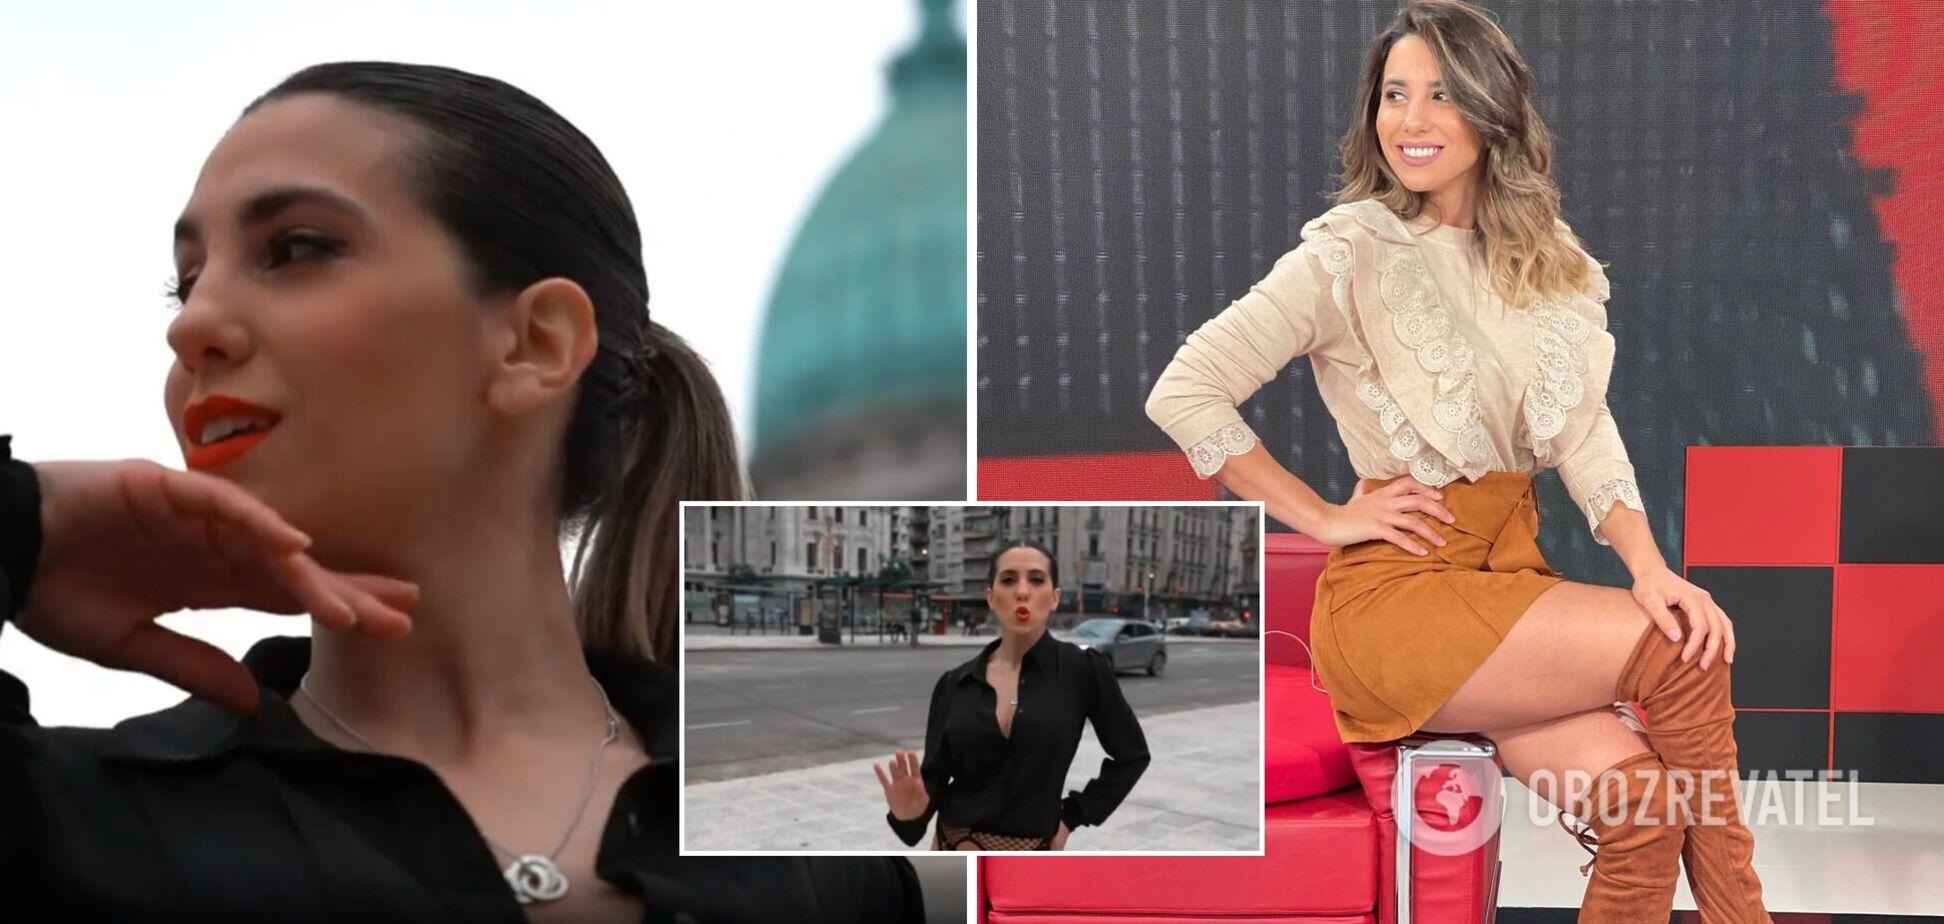 Модель из Аргентины сняла предвыборный ролик в пикантном наряде. Видео 18+